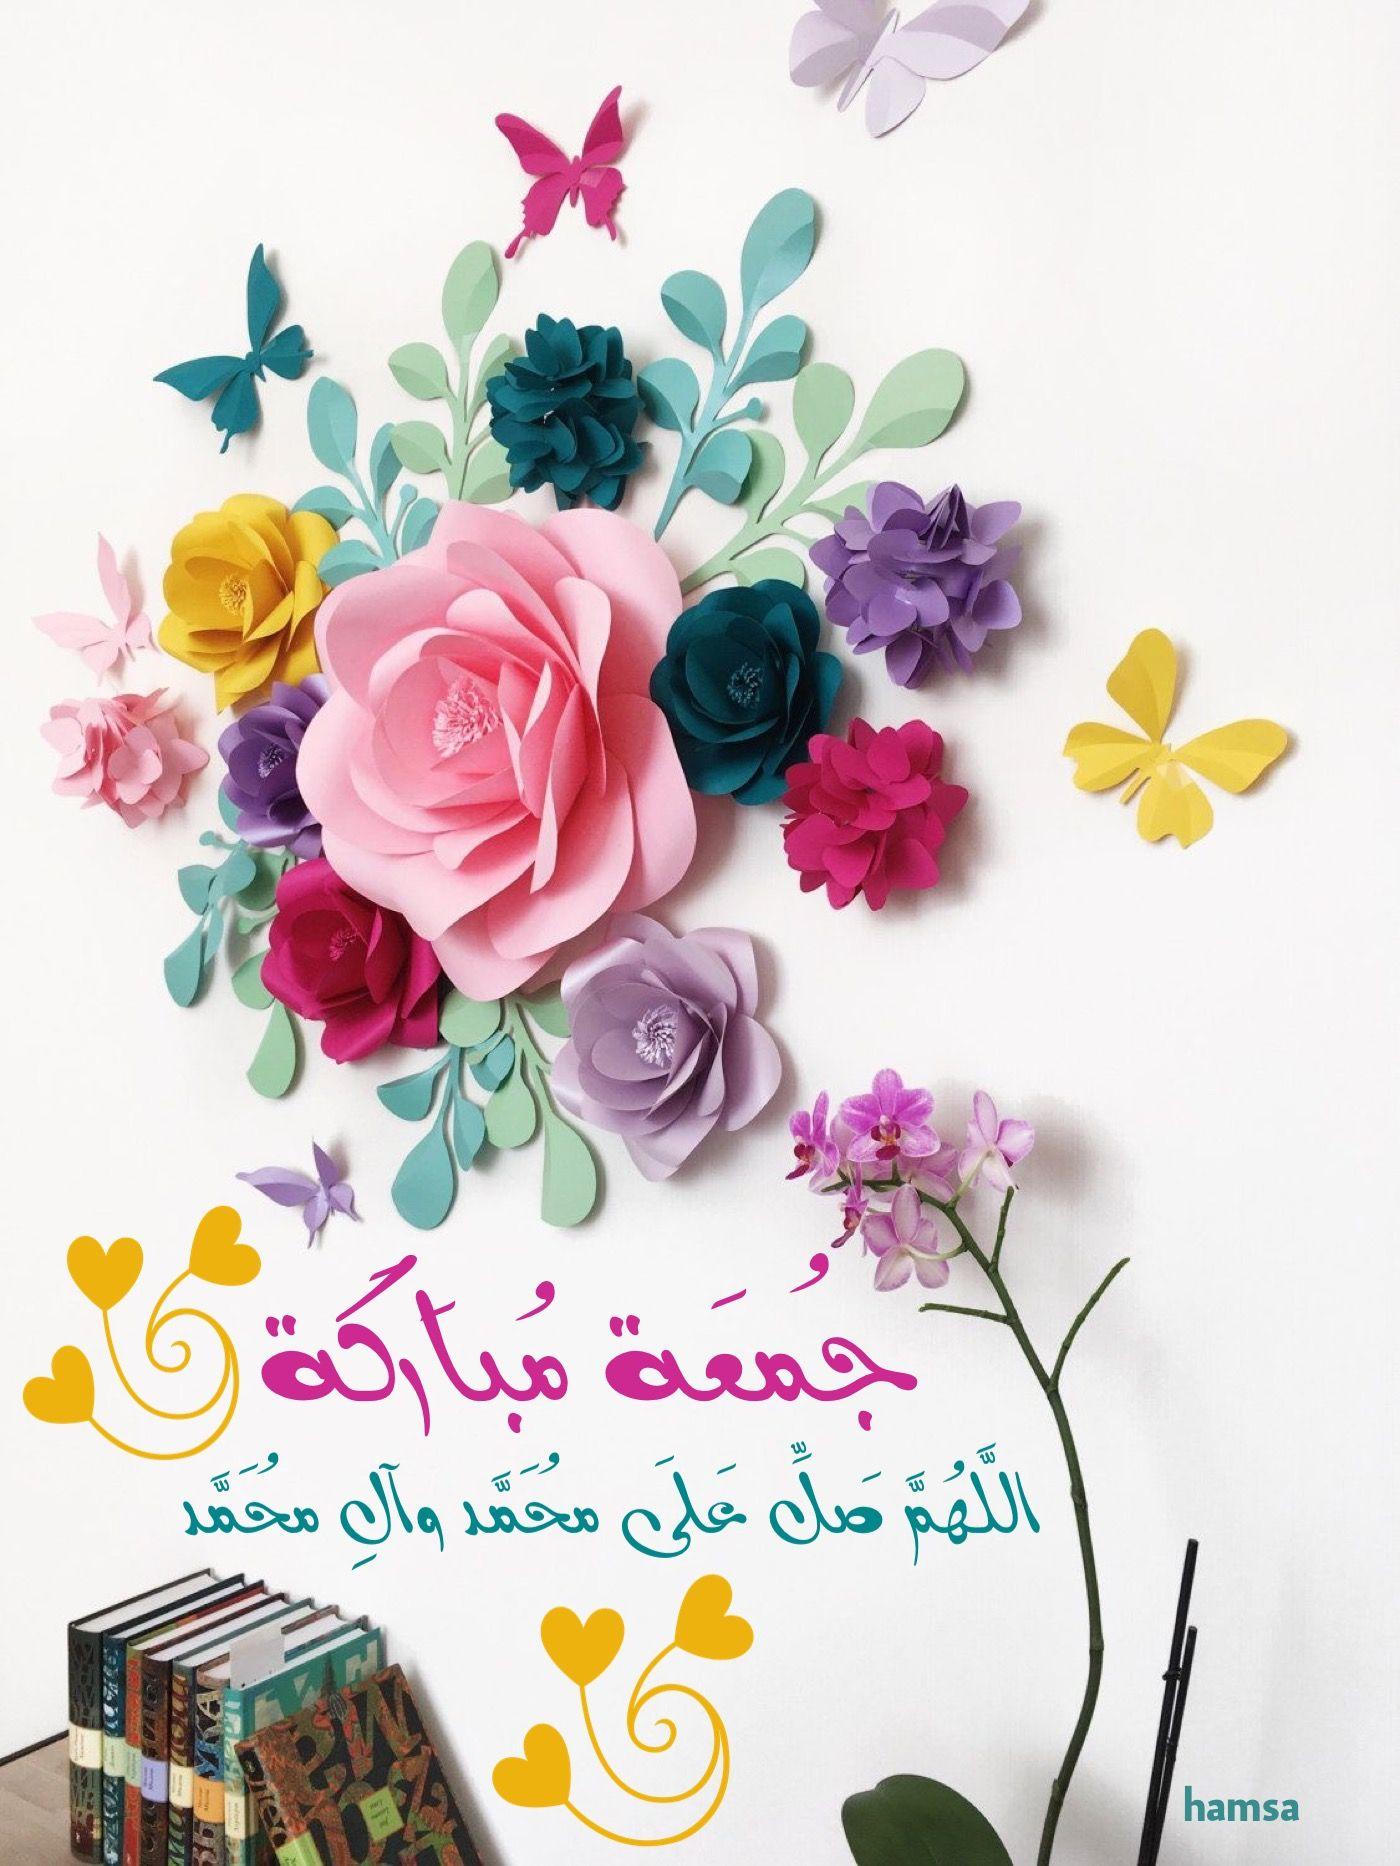 بالصور تهاني الجمعة , جمل وعبارات جميلة عن يوم الجمعة المبارك 485 12